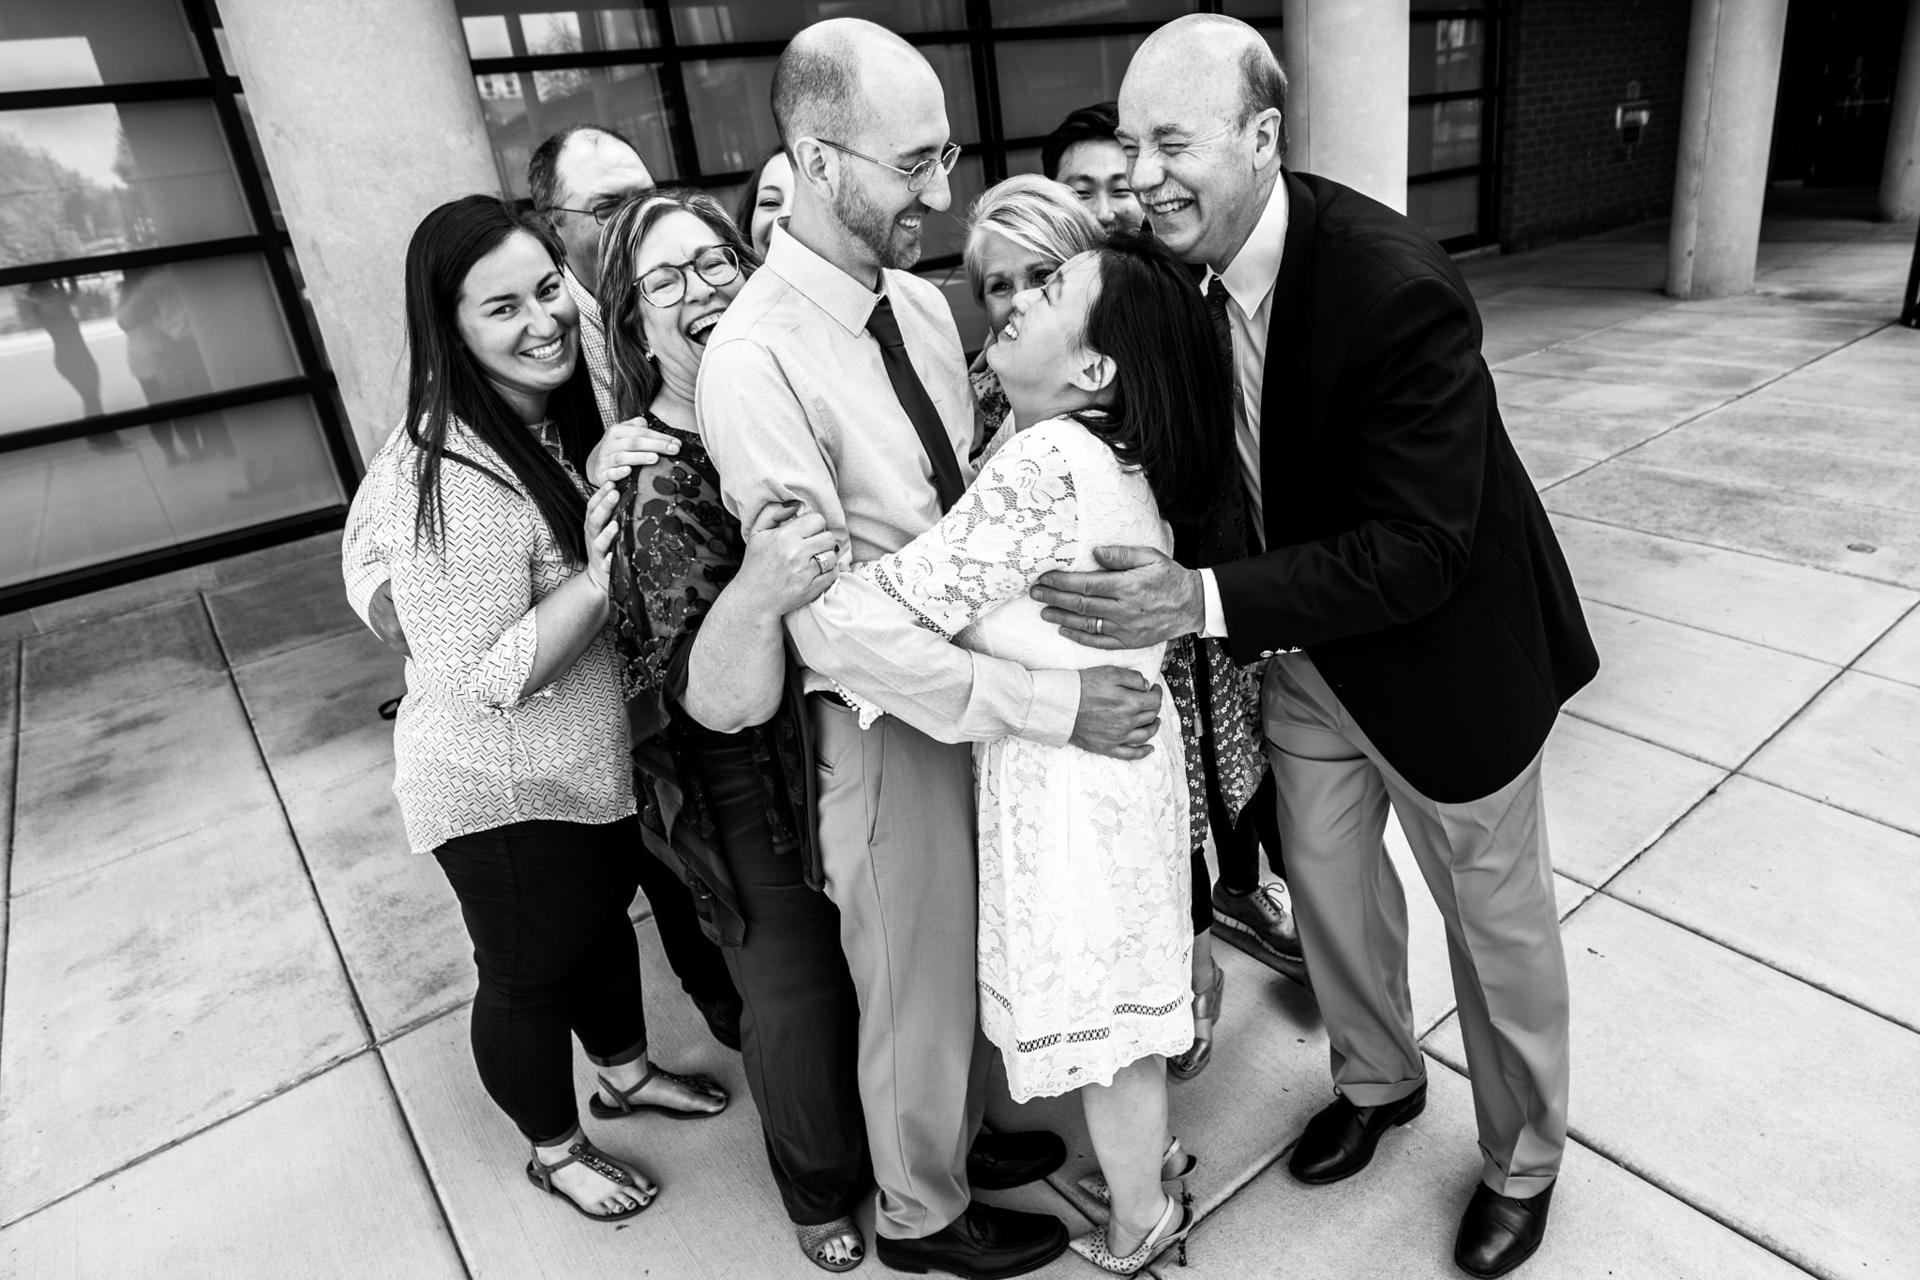 Fotos de boda históricas del Palacio de Justicia de MN | La familia de los novios hace un gran abrazo grupal.